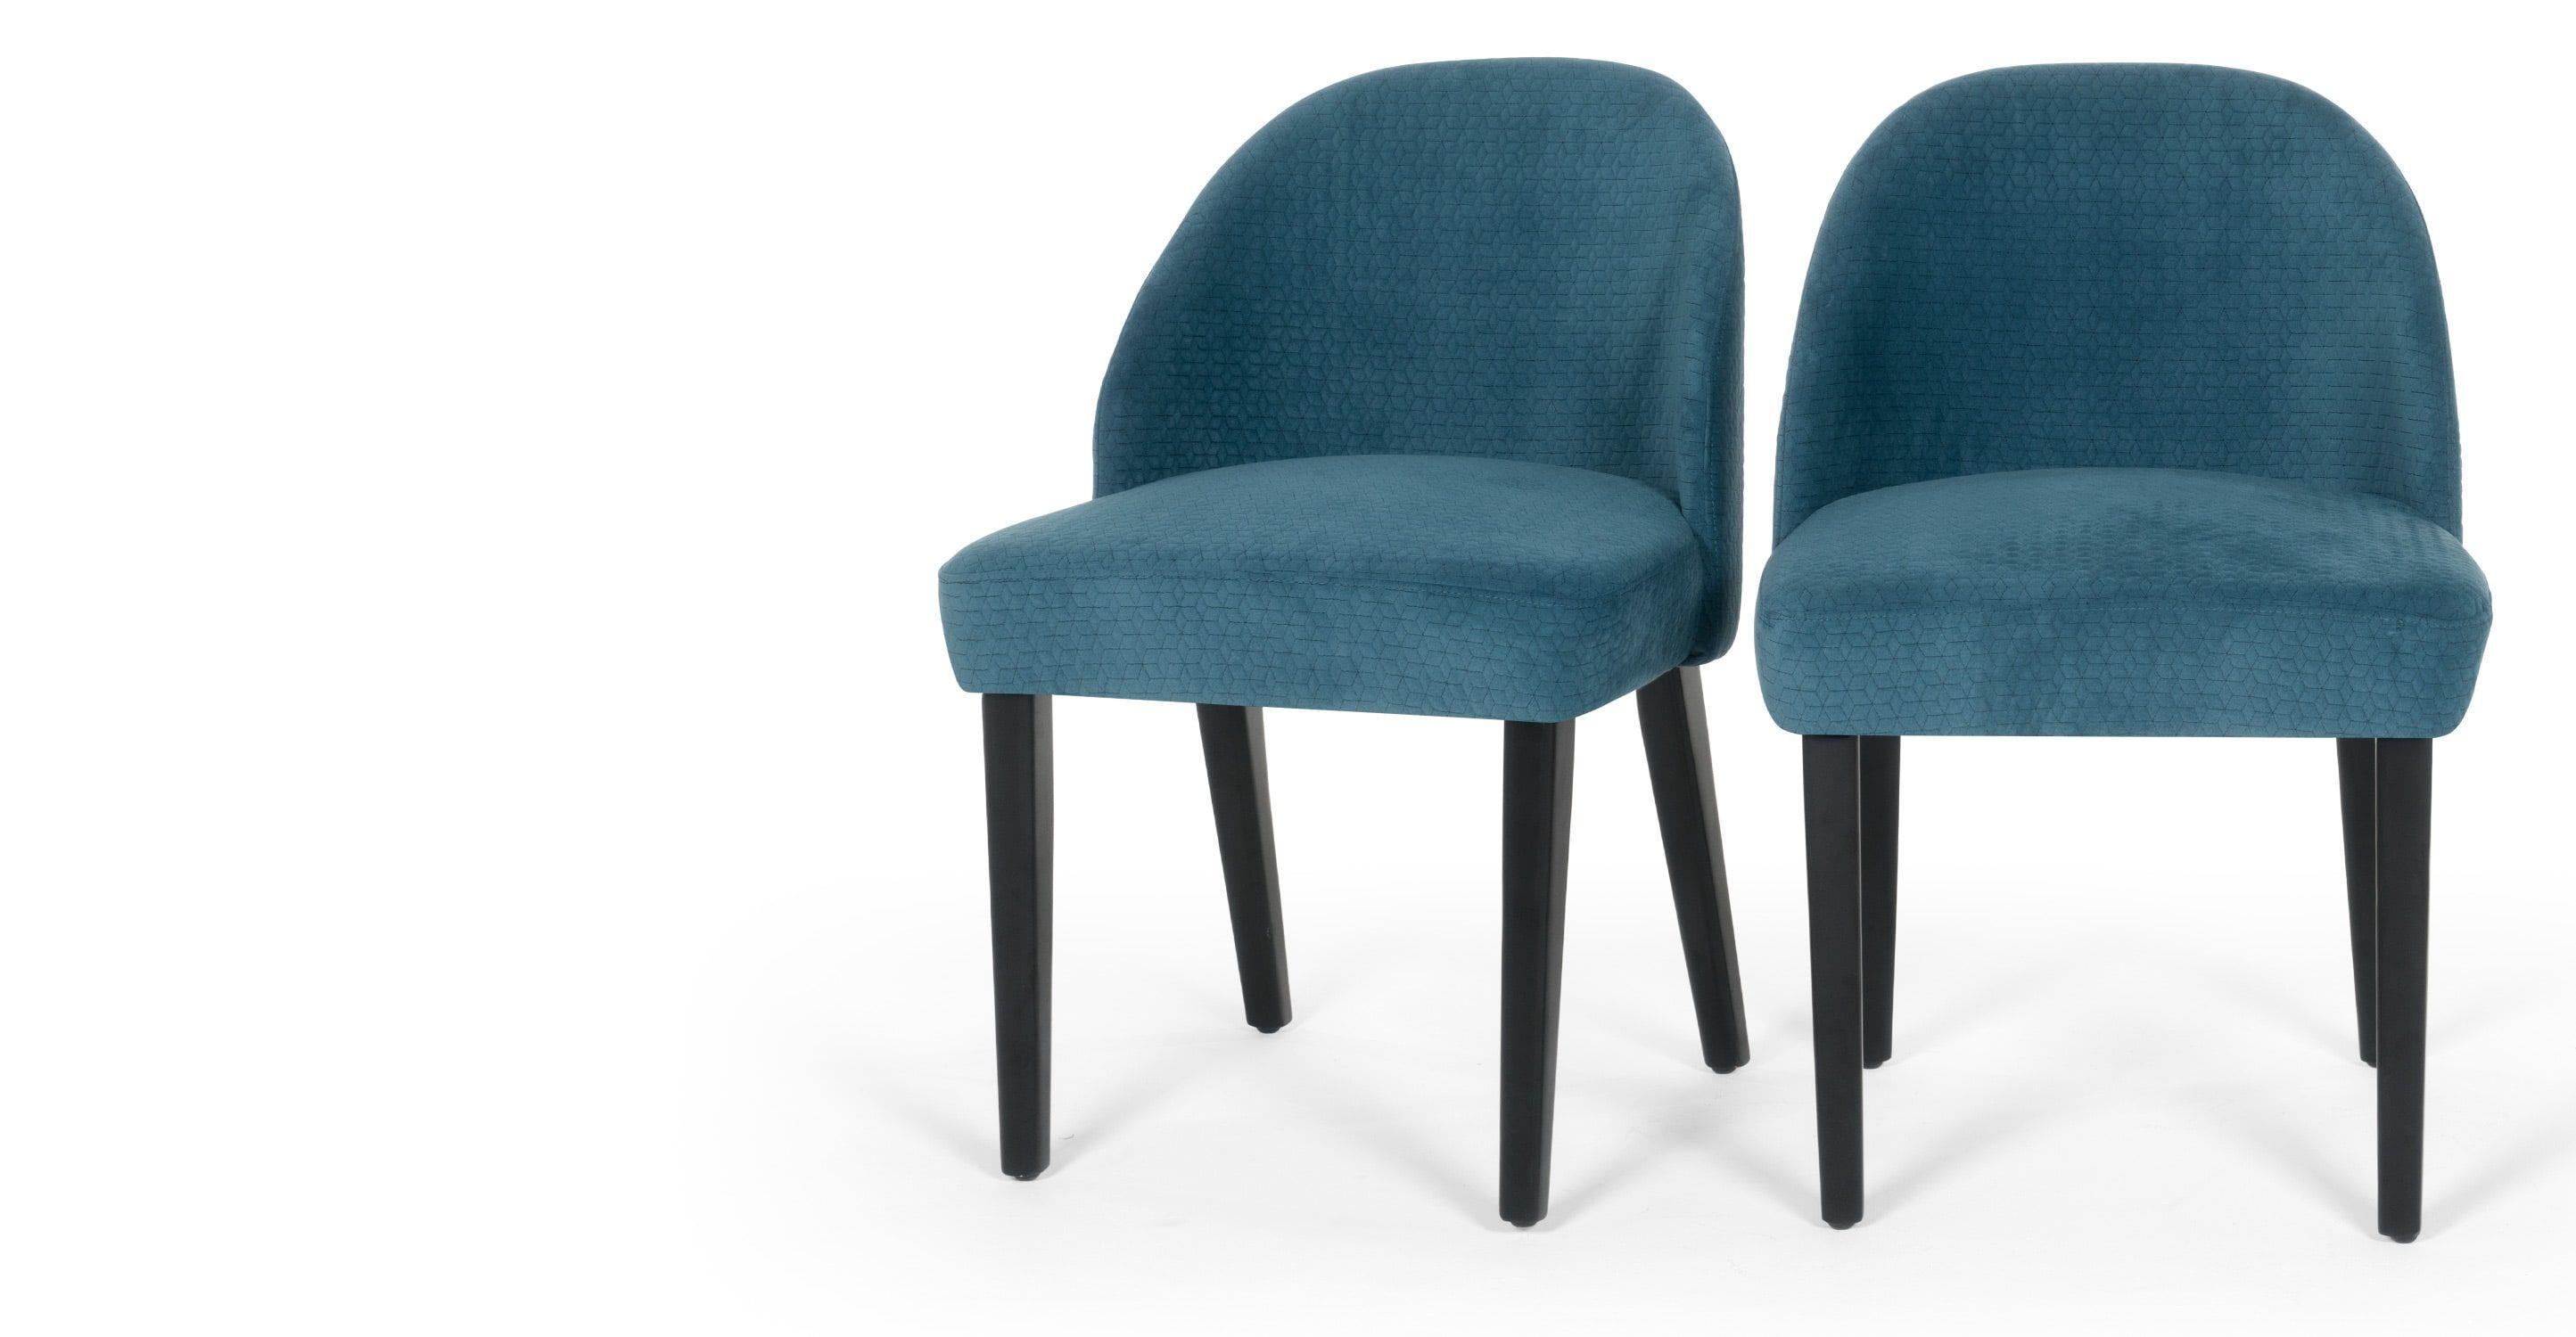 2 x Alec Polsterstühle, Blau | Pinterest | Polsterstühle, Stuhl und ...